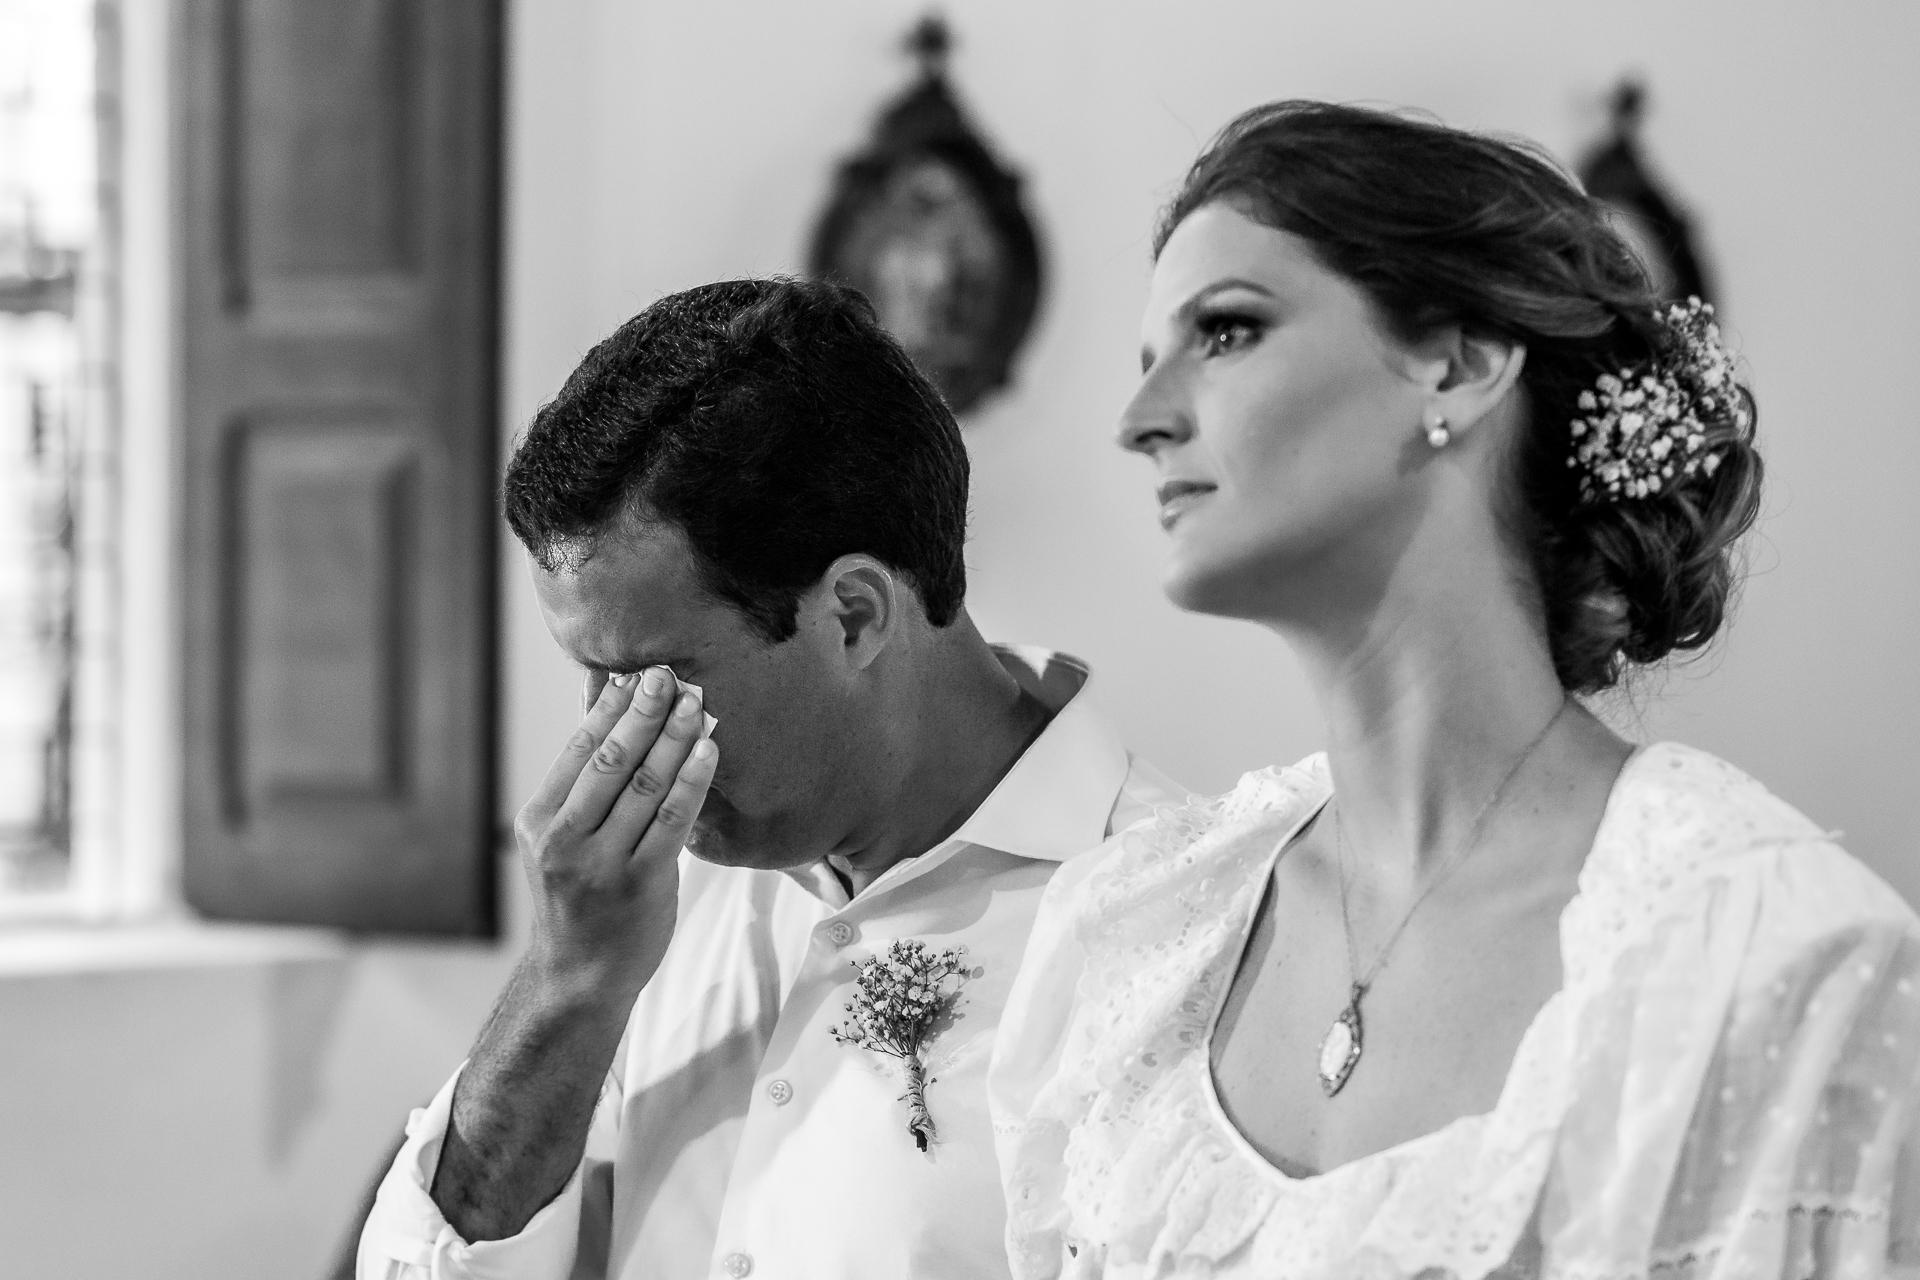 Église de São Gonçalo Pic d'un mariage Maceio | Le marié essuie une larme pendant la cérémonie